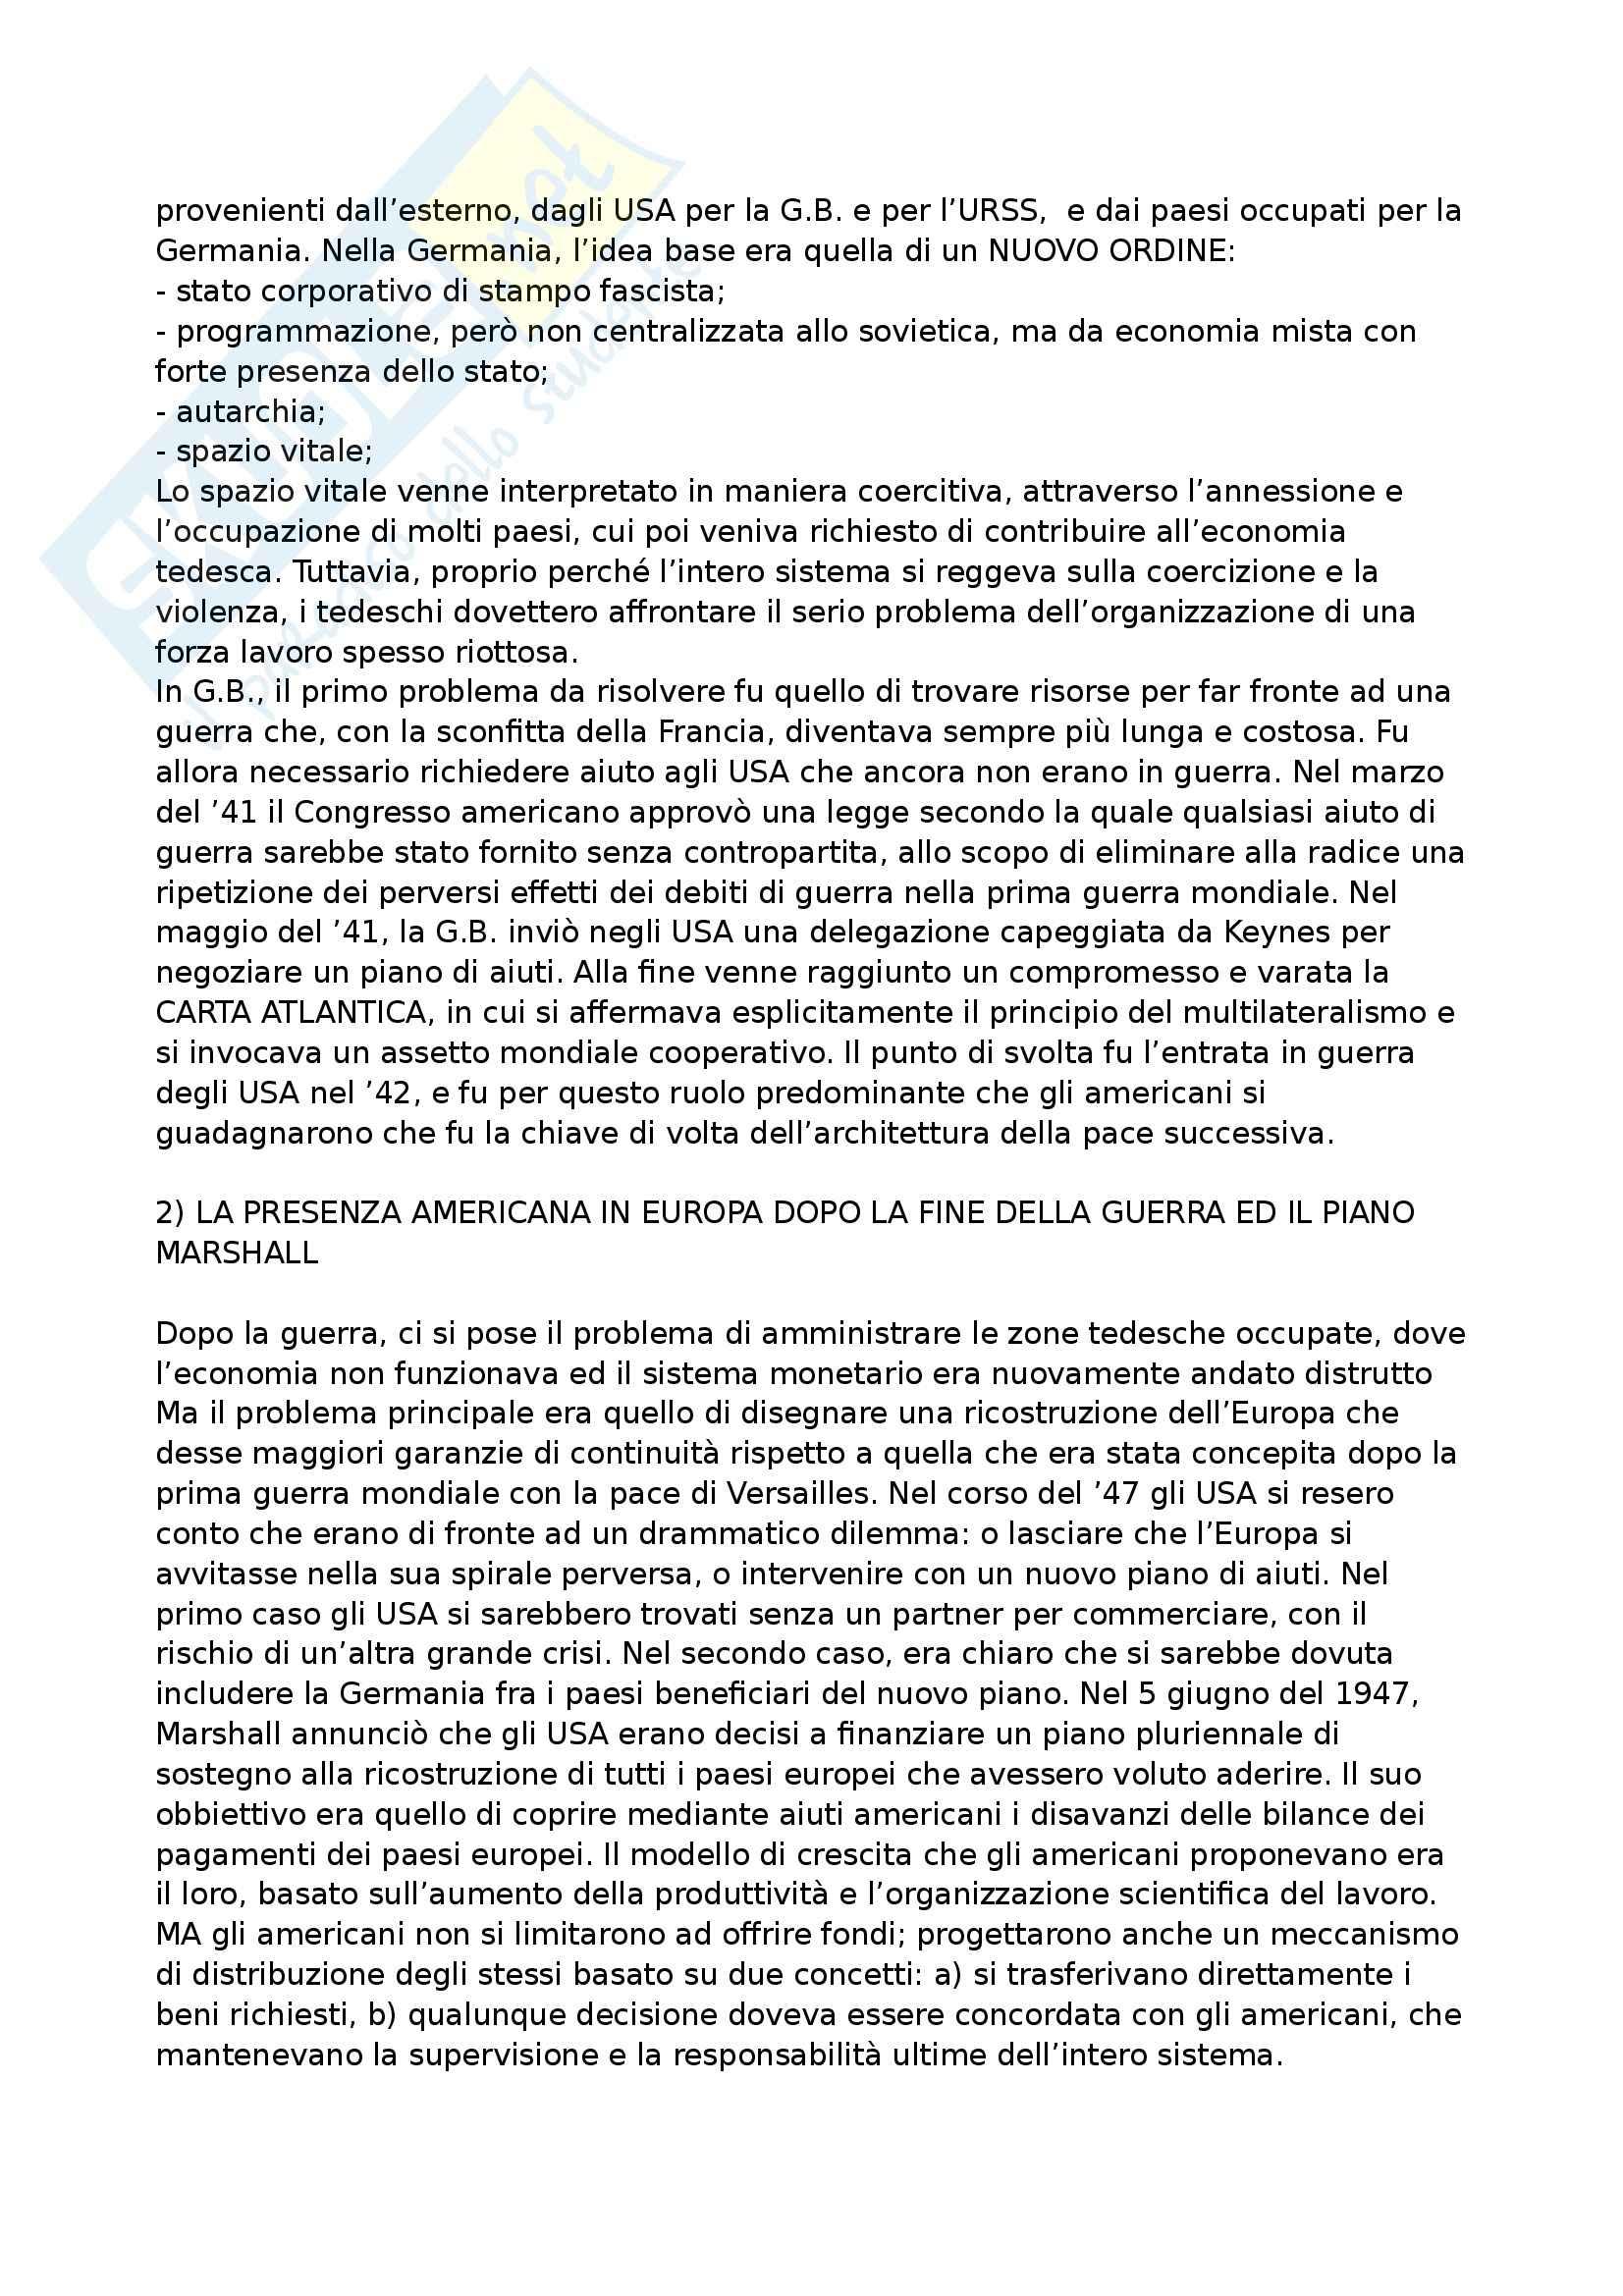 Riassunto esame Storia Economica, prof. Chiapparino, libro consigliato Dalla Rivoluzione Industriale all'Integrazione Europea di Zamagni Pag. 21